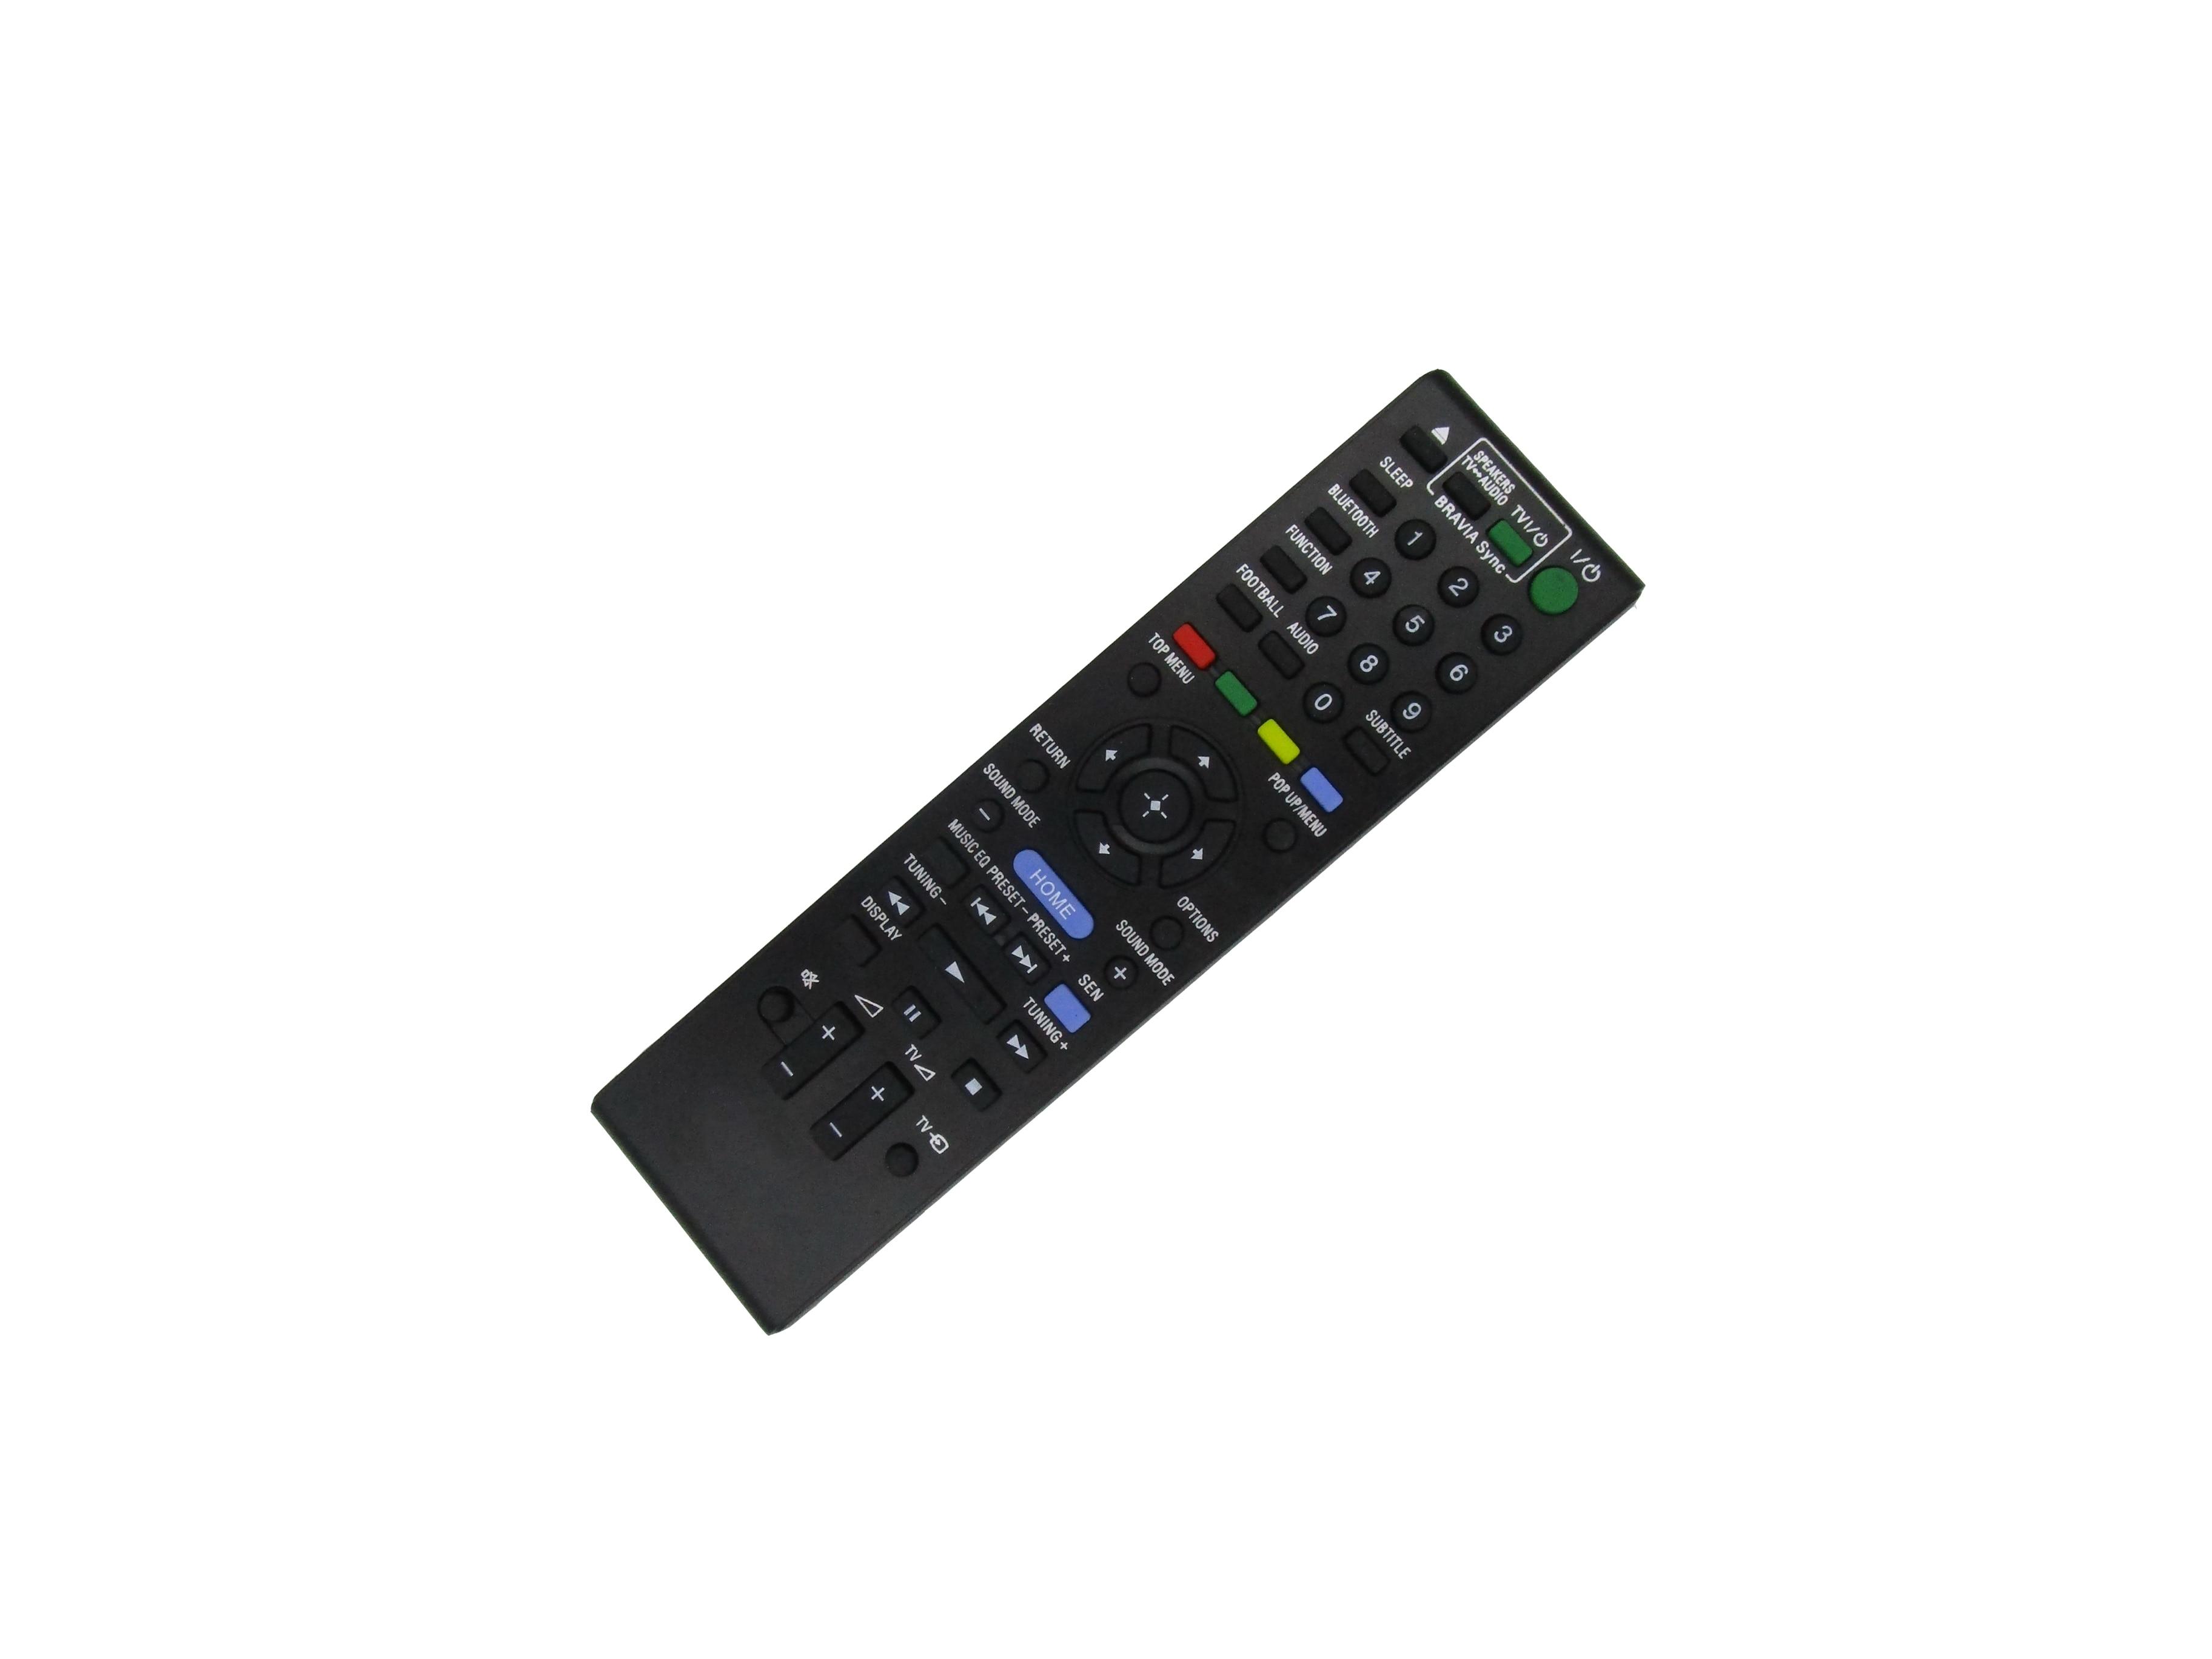 Control remoto para Sony BDV-E2100 SS-CTB122 BDV-E6100 HBD-E3100 HBD-E2100 HBD-E4100 disco Blu-ray...